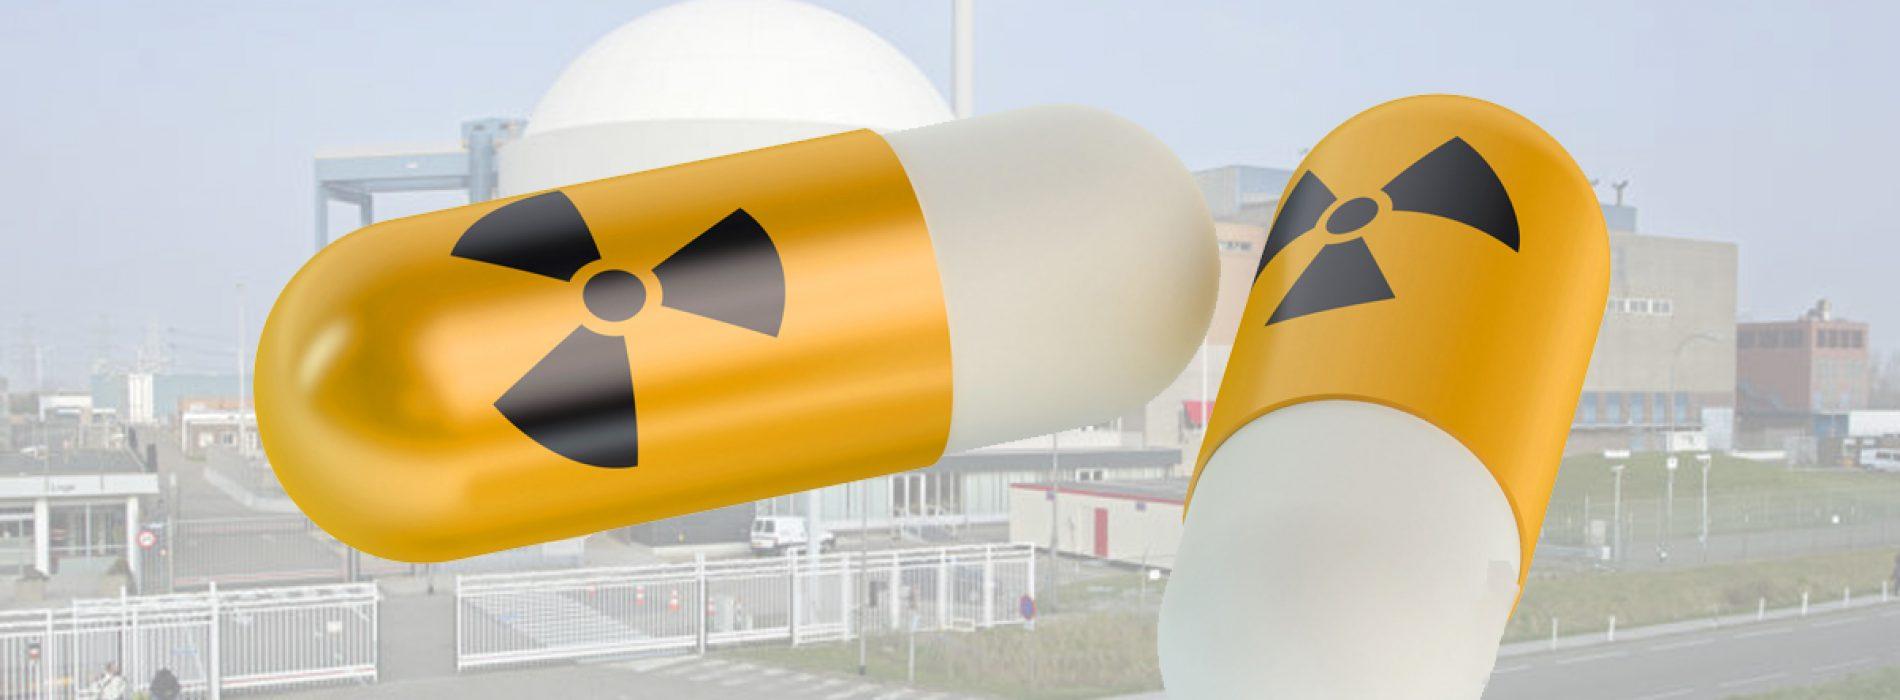 Jodiumpillen als hulp in nood bij kernongevallen